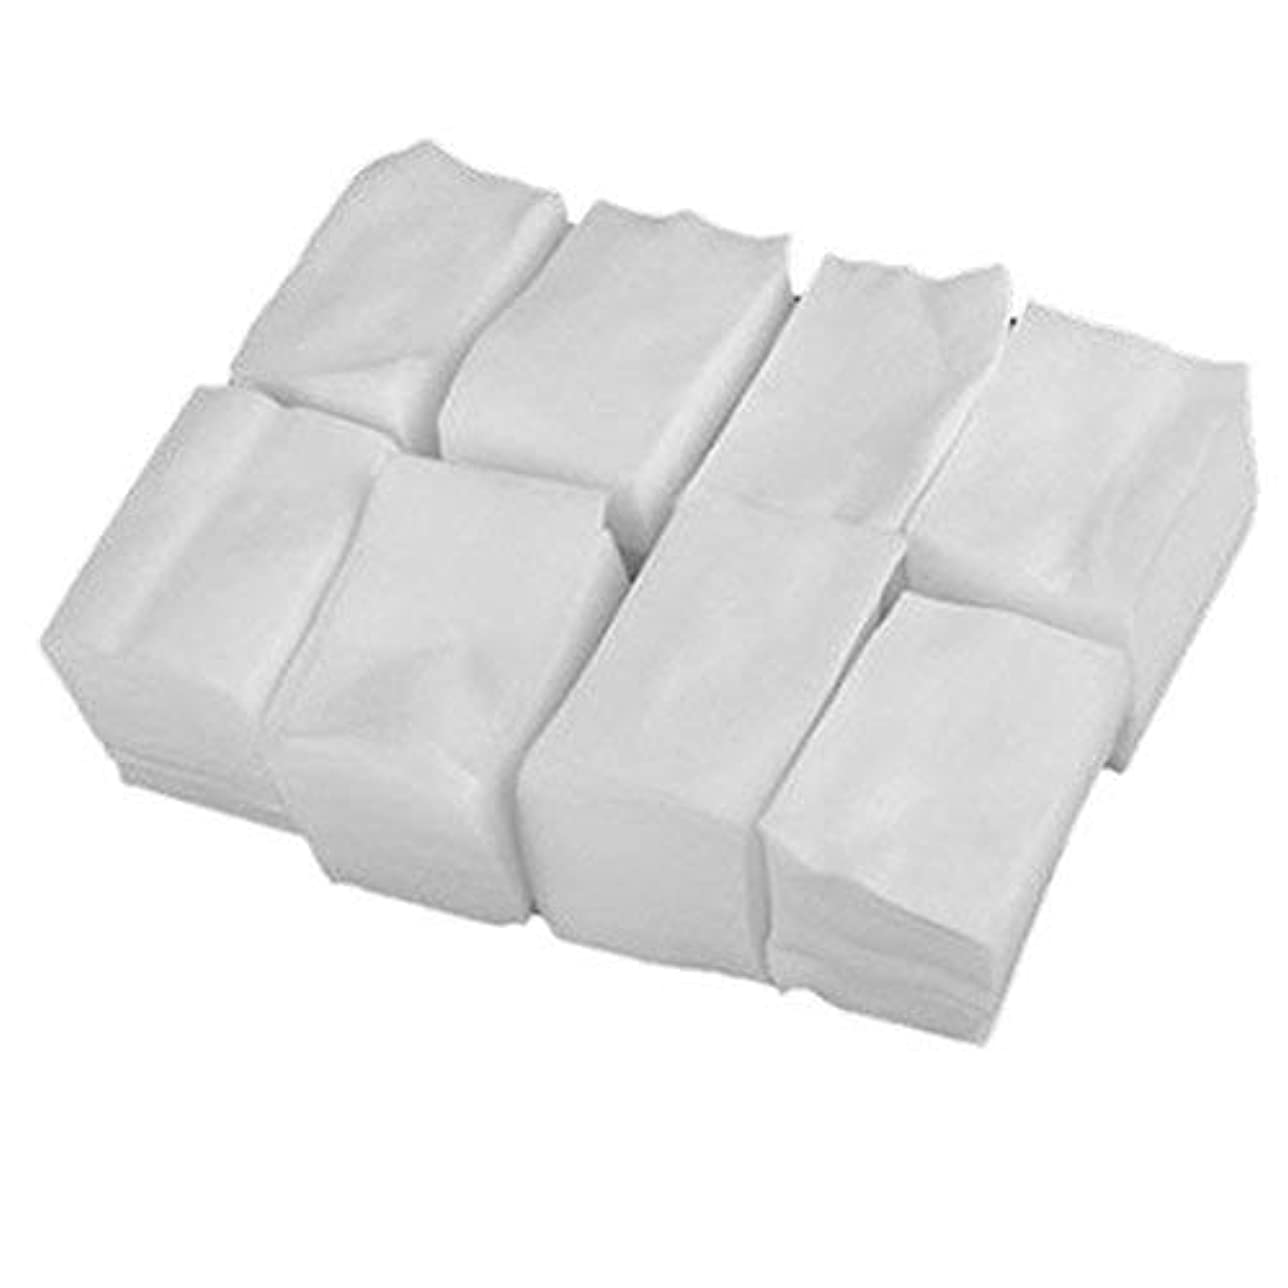 アレイビーチレンジ1st market プレミアム 人気 900x白いリントフリーネイルアート ワイプ紙パッド ゲルアクリルのヒント ポリッシュリムーバークリーナー(6cm x 5cm) 便利